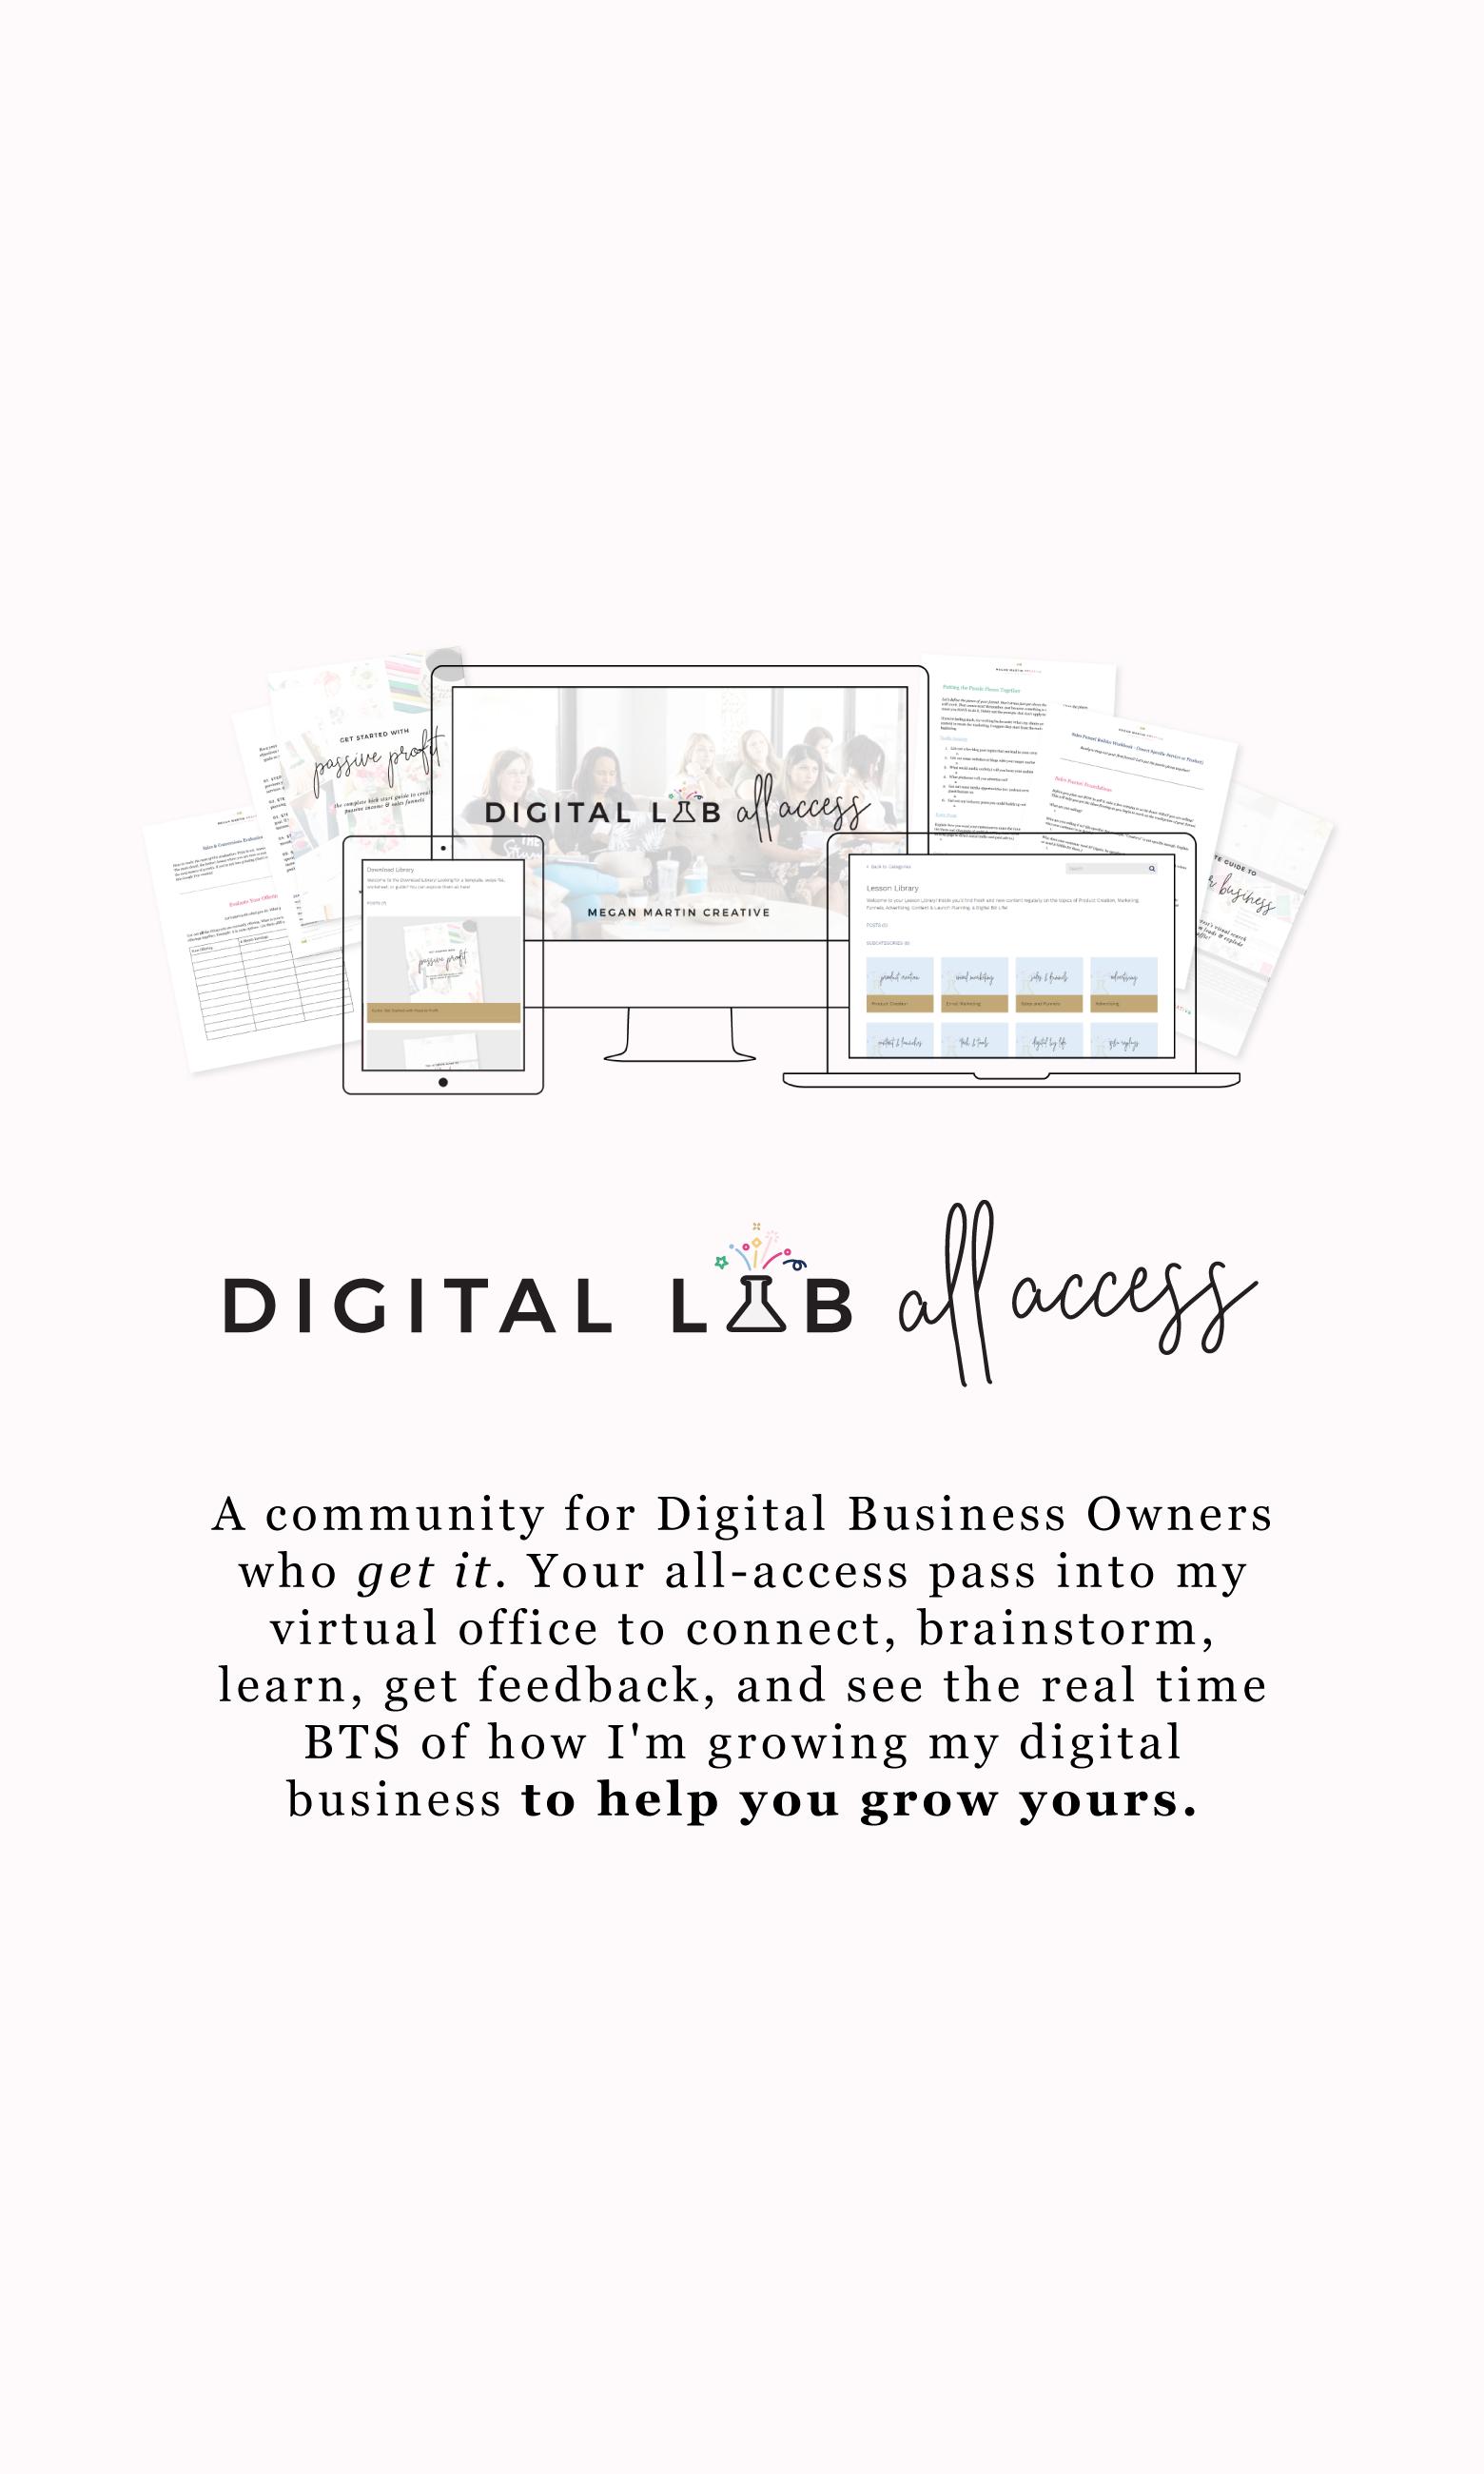 The Digital Lab Academy